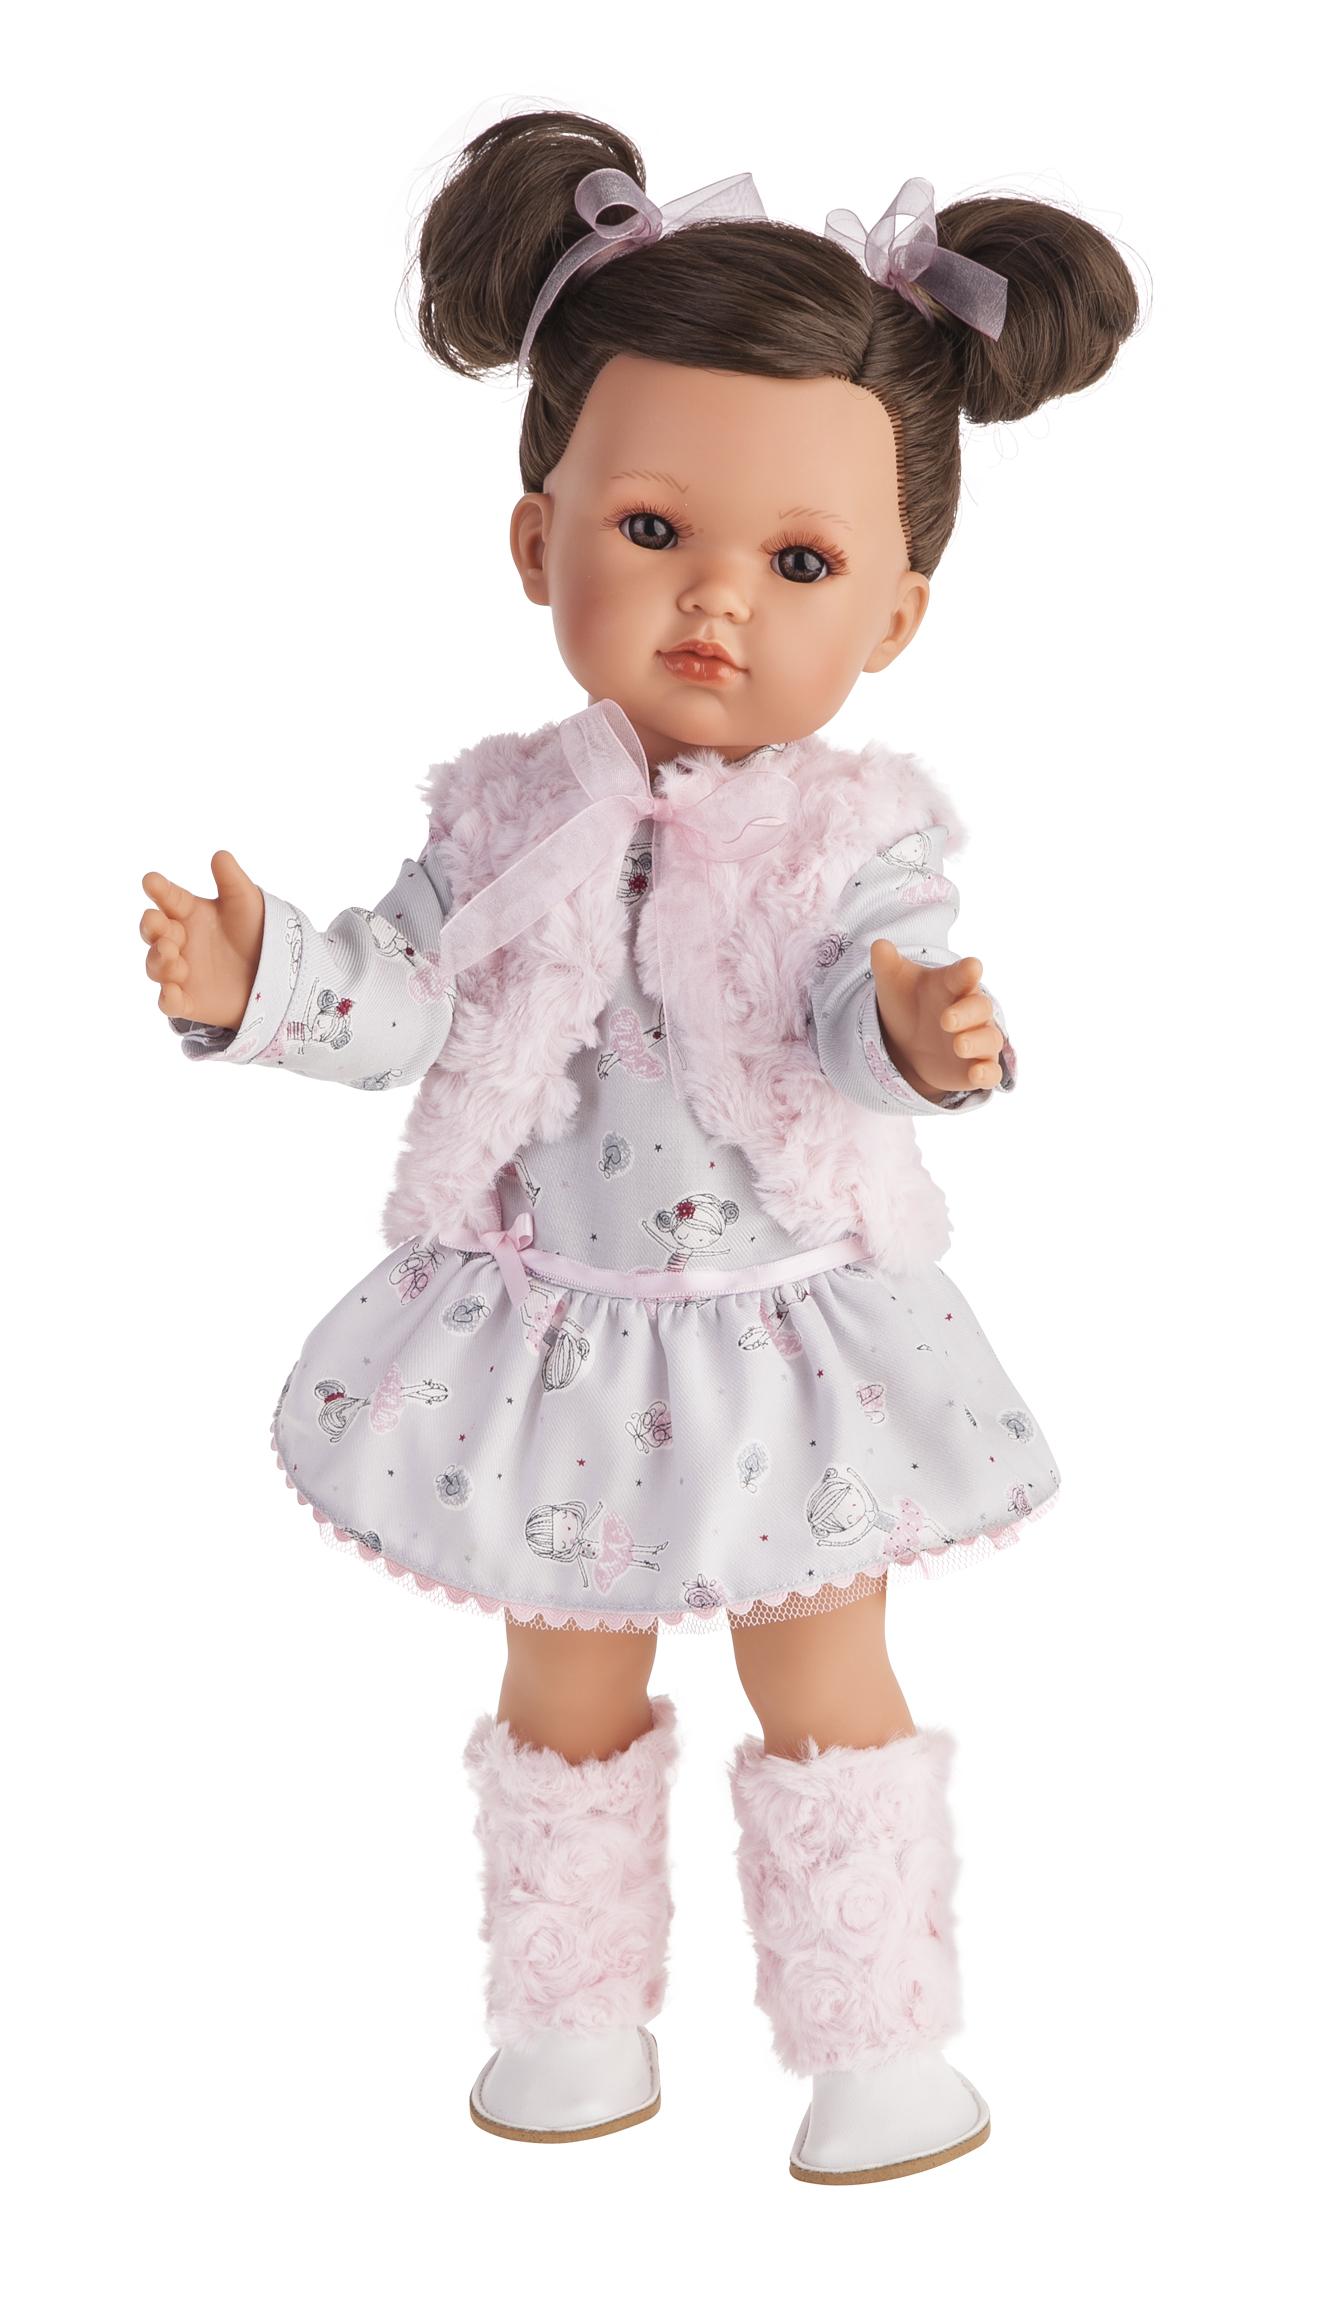 Кукла Белла в розовом жилете, 45 см.Куклы Антонио Хуан (Antonio Juan Munecas)<br>Кукла Белла в розовом жилете, 45 см.<br>